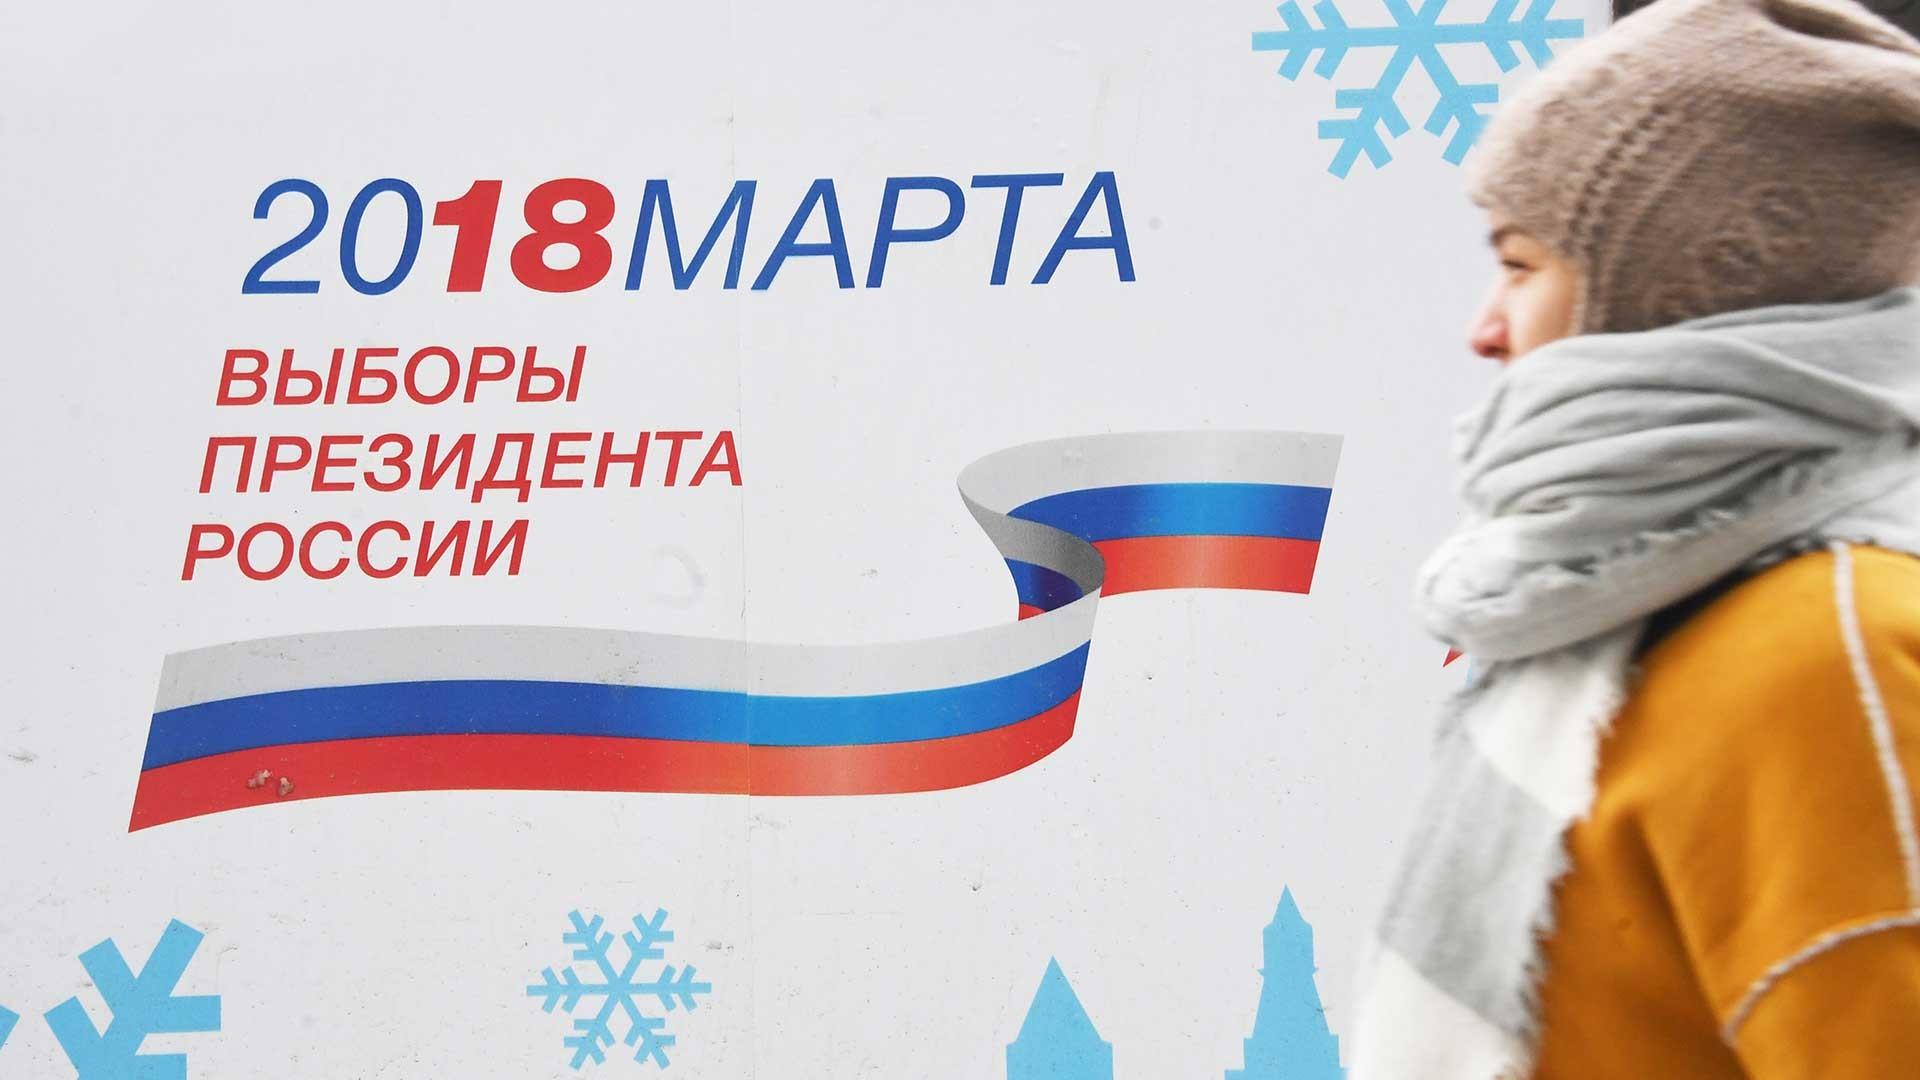 Recta final: Las claves de las elecciones presidenciales en Rusia